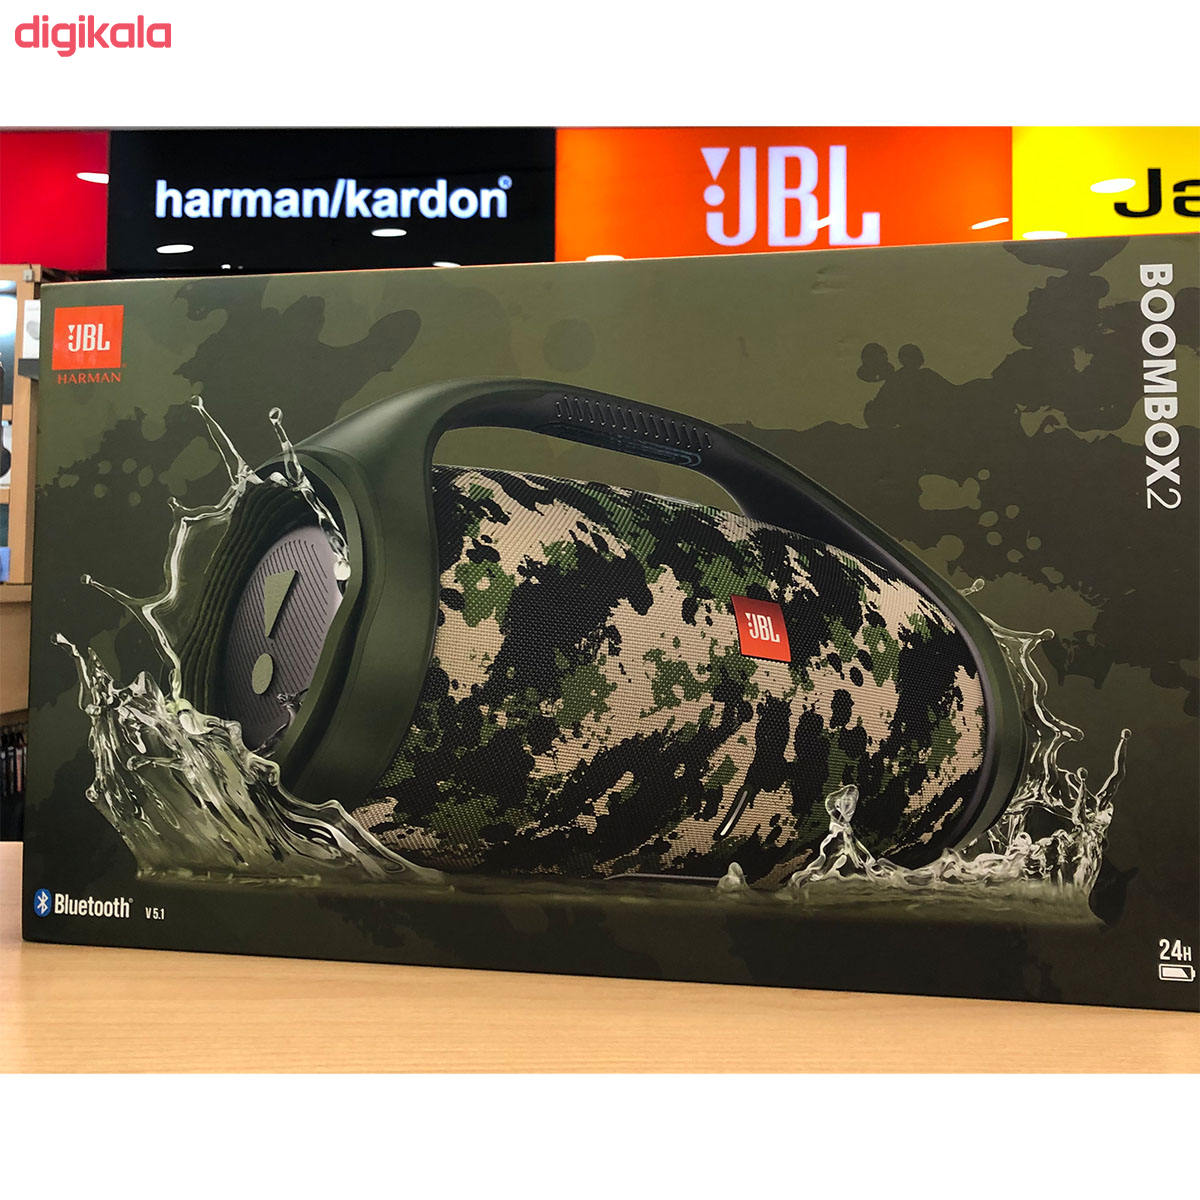 اسپیکر بلوتوثی قابل حمل جی بی ال مدل BoomBox 2 main 1 8